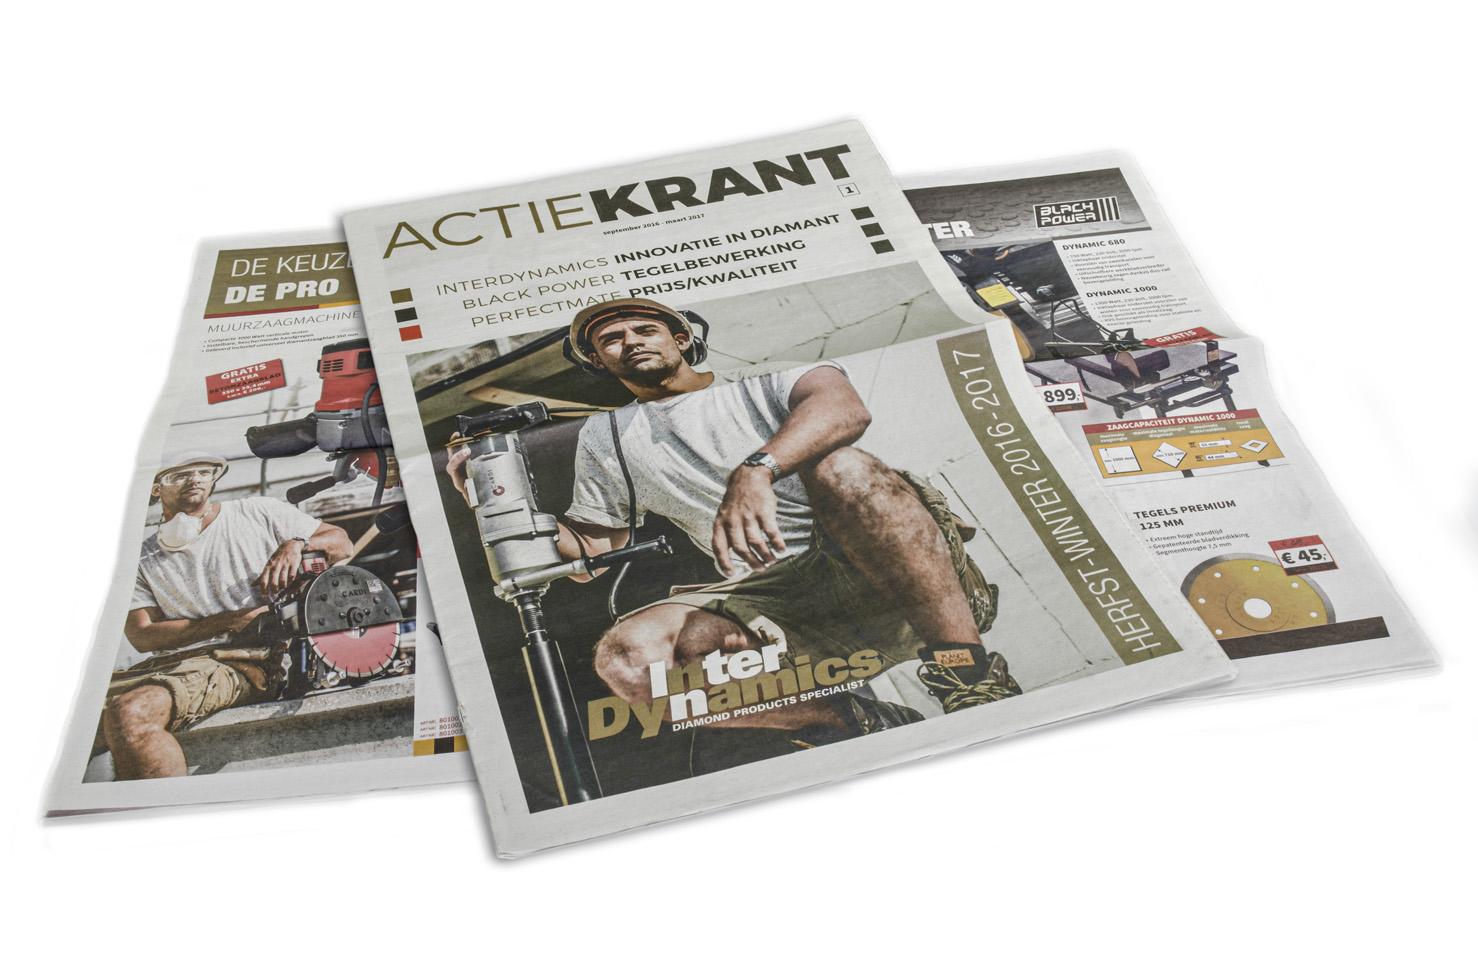 ID_Actiekrant spread+cover